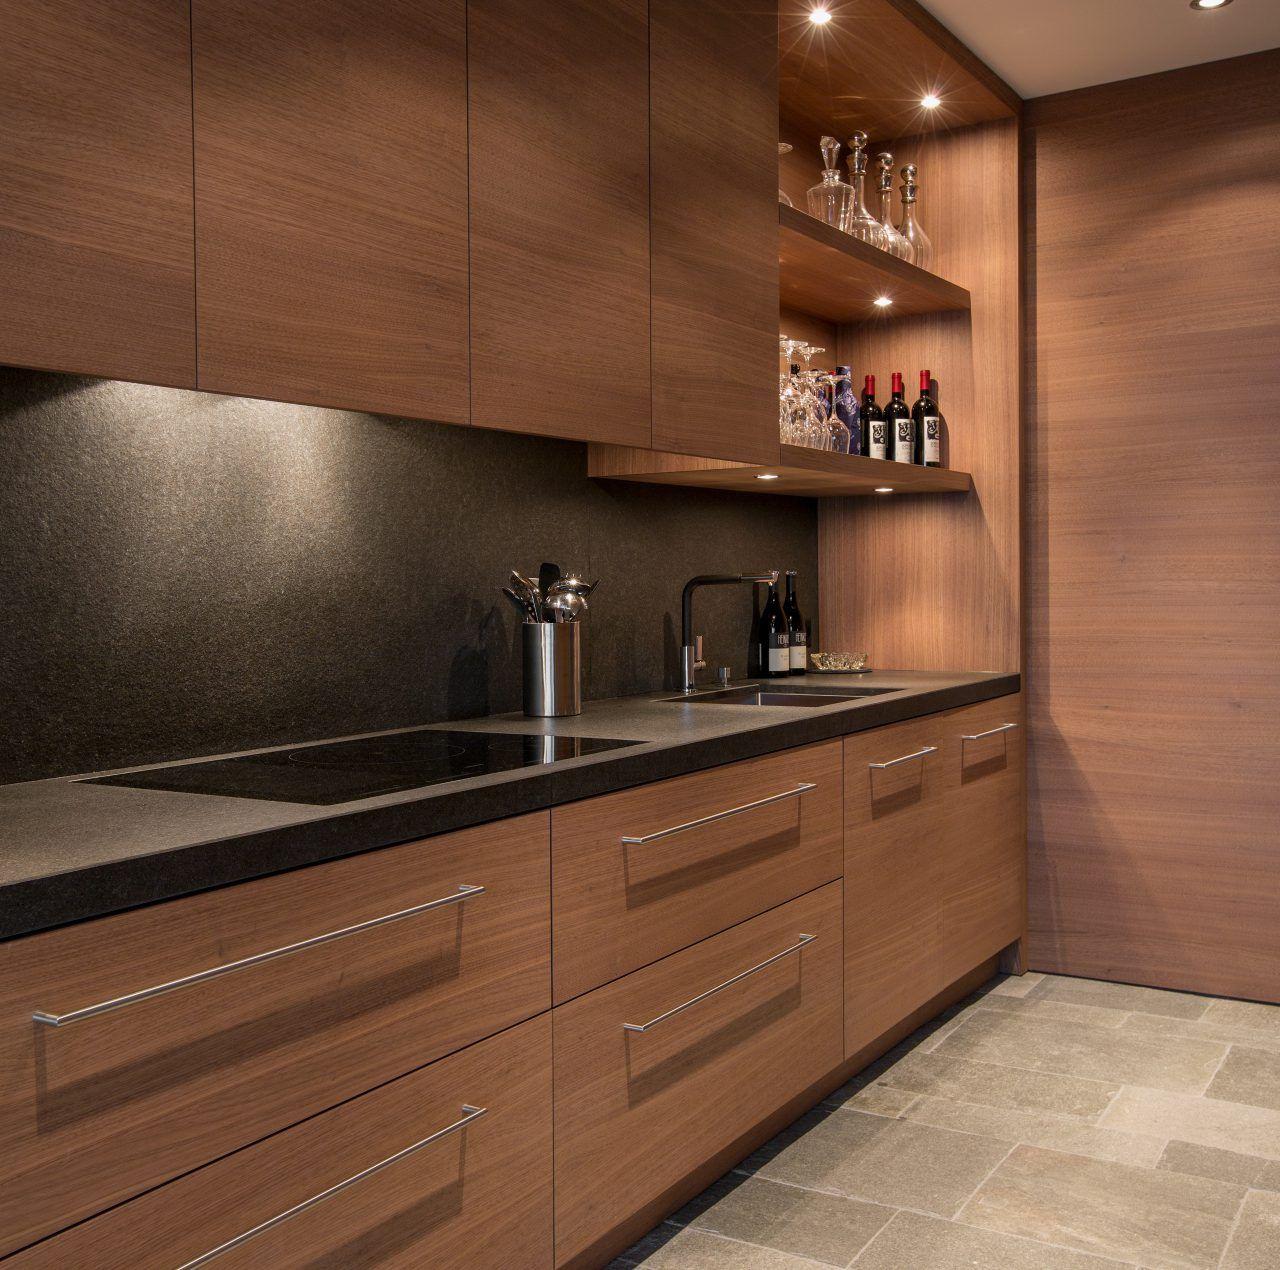 Küchenzeile aus Nero Assoluto, geflammt und gebürstet | Naturstein ...